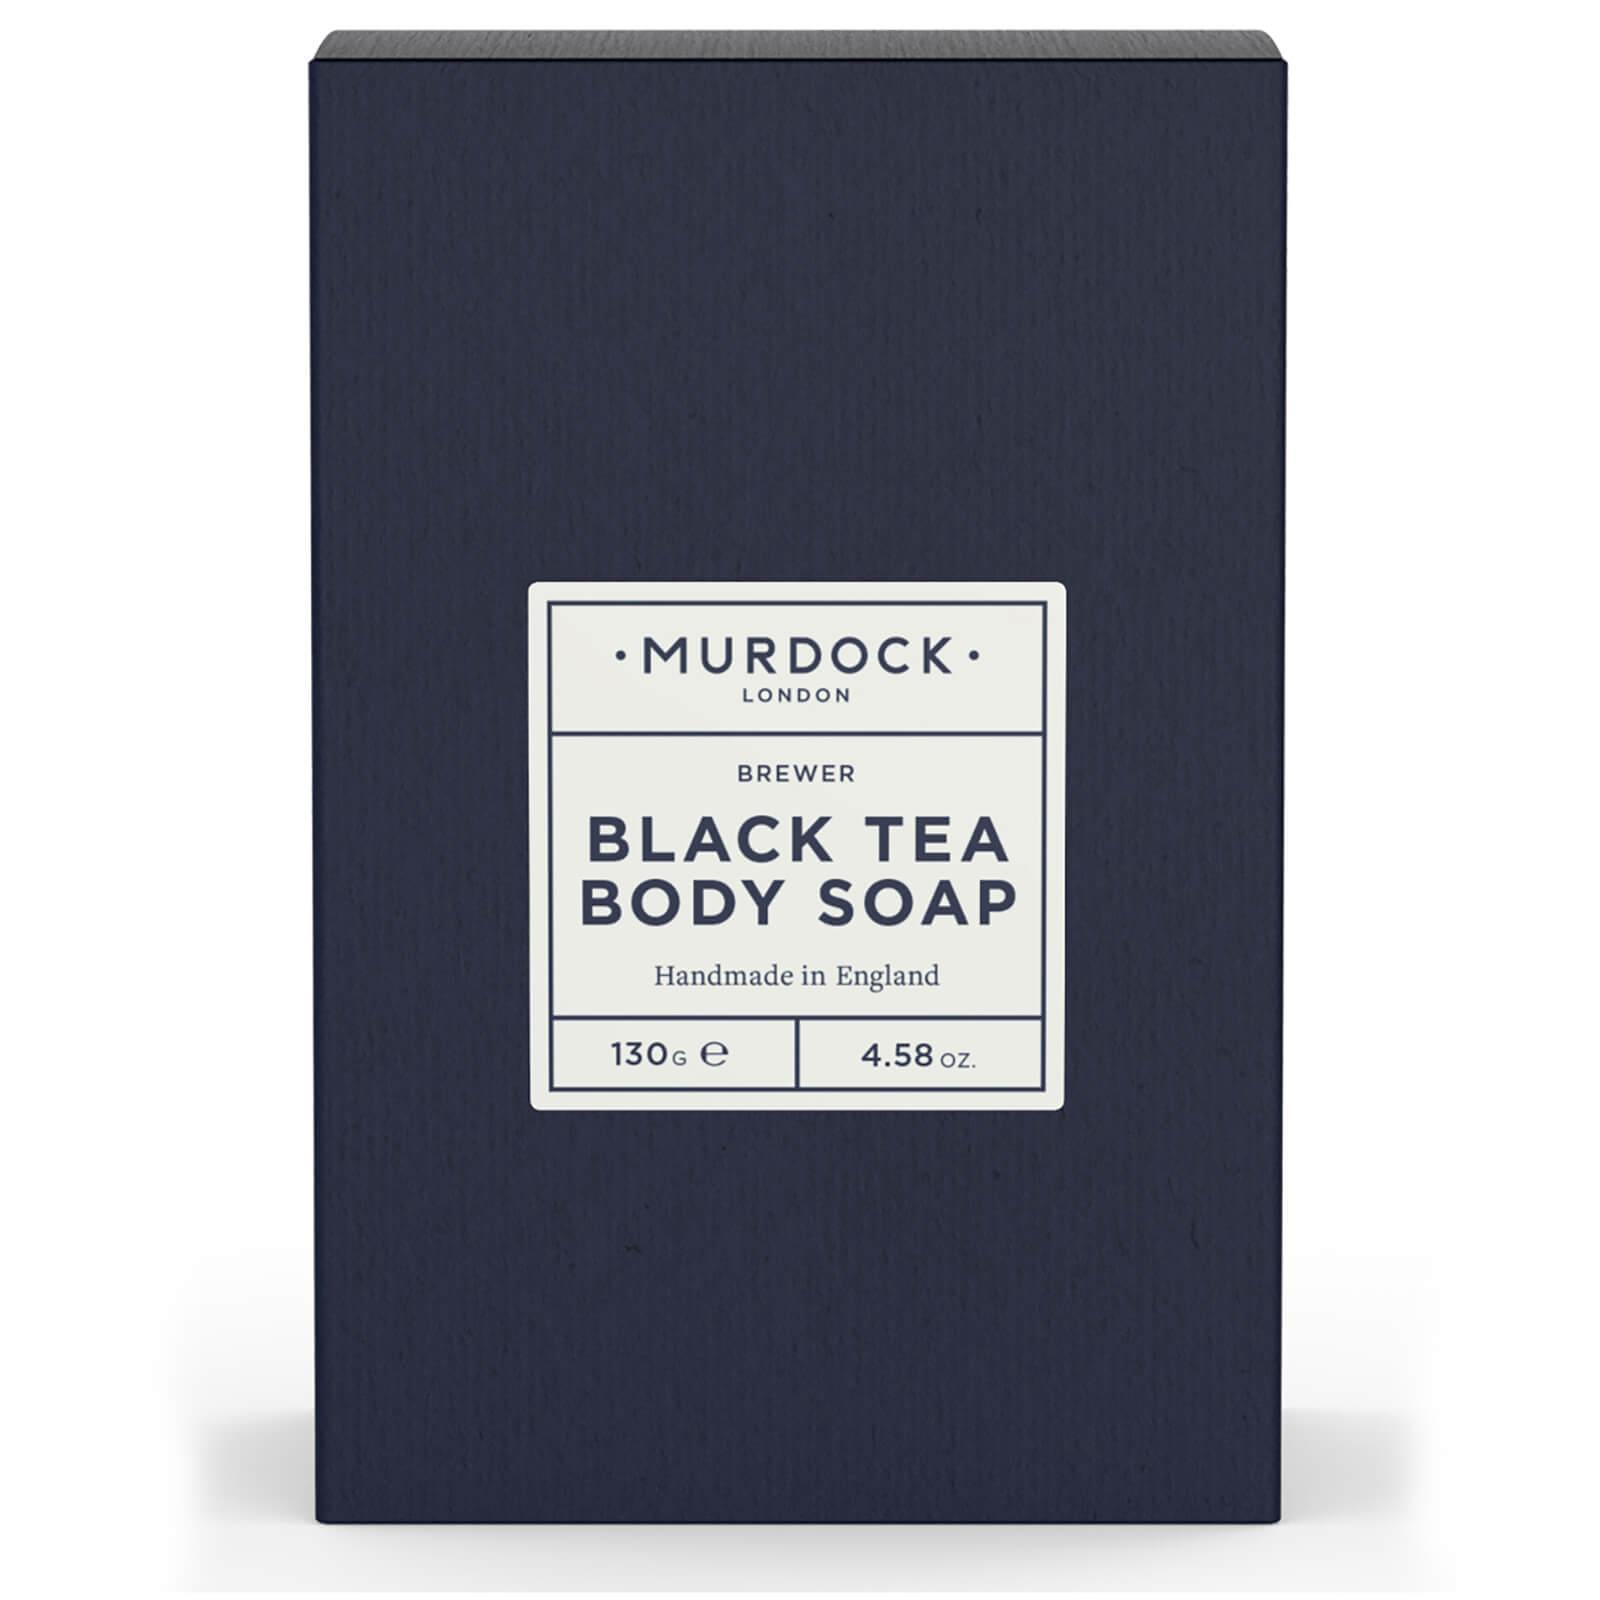 Murdock London Savon pour le Corps au Thé Noir Murdock London 130g